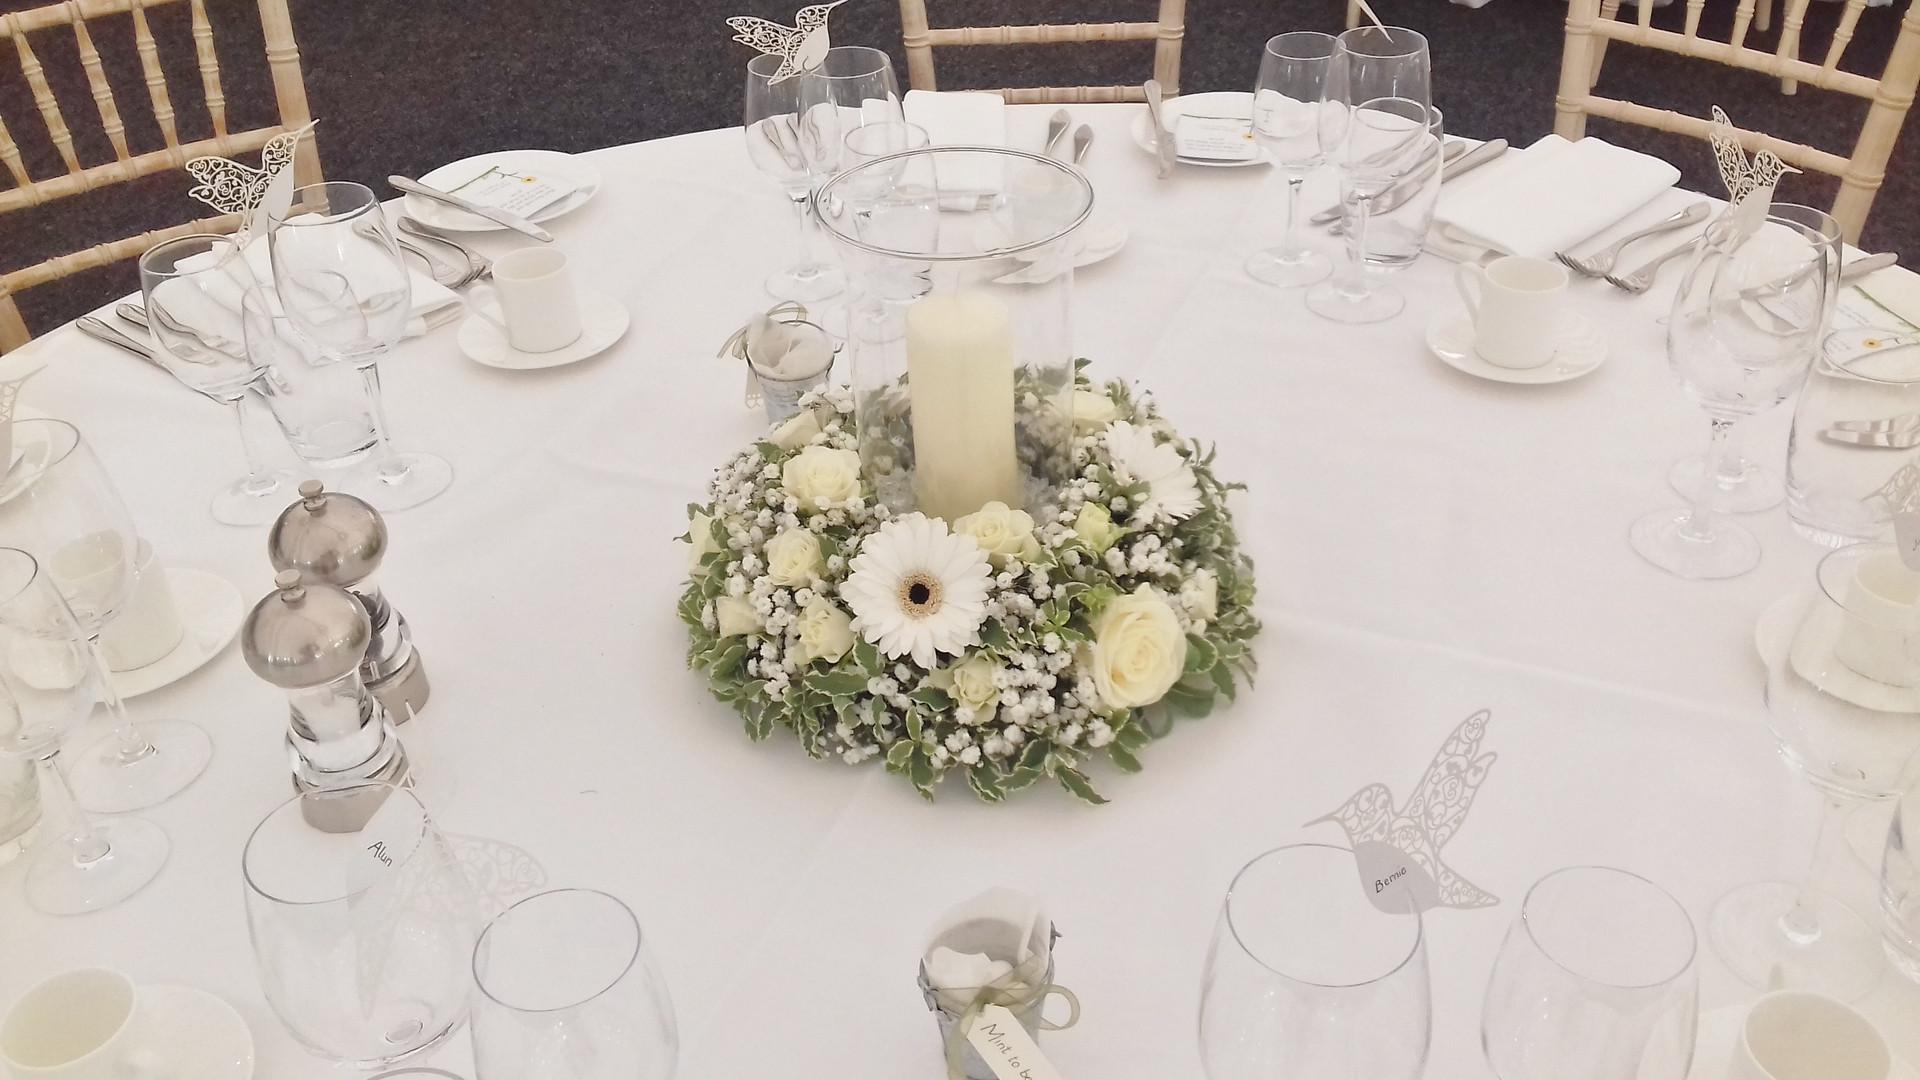 Hurricane vase table centre